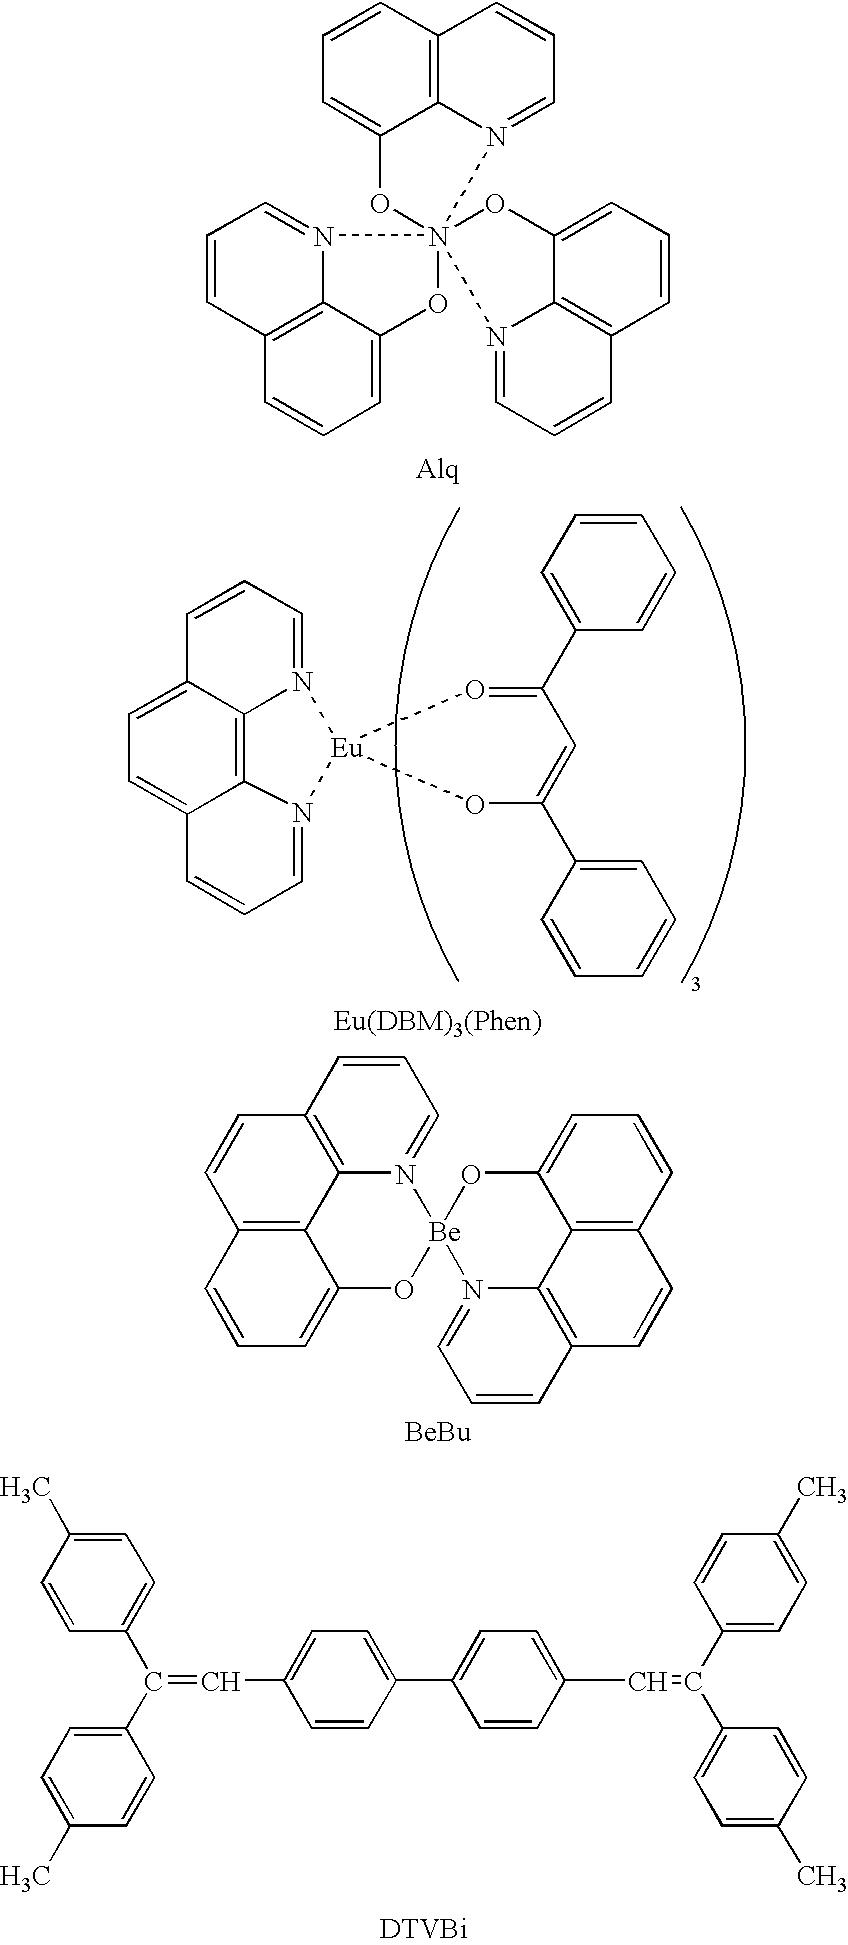 Figure US20040115859A1-20040617-C00002